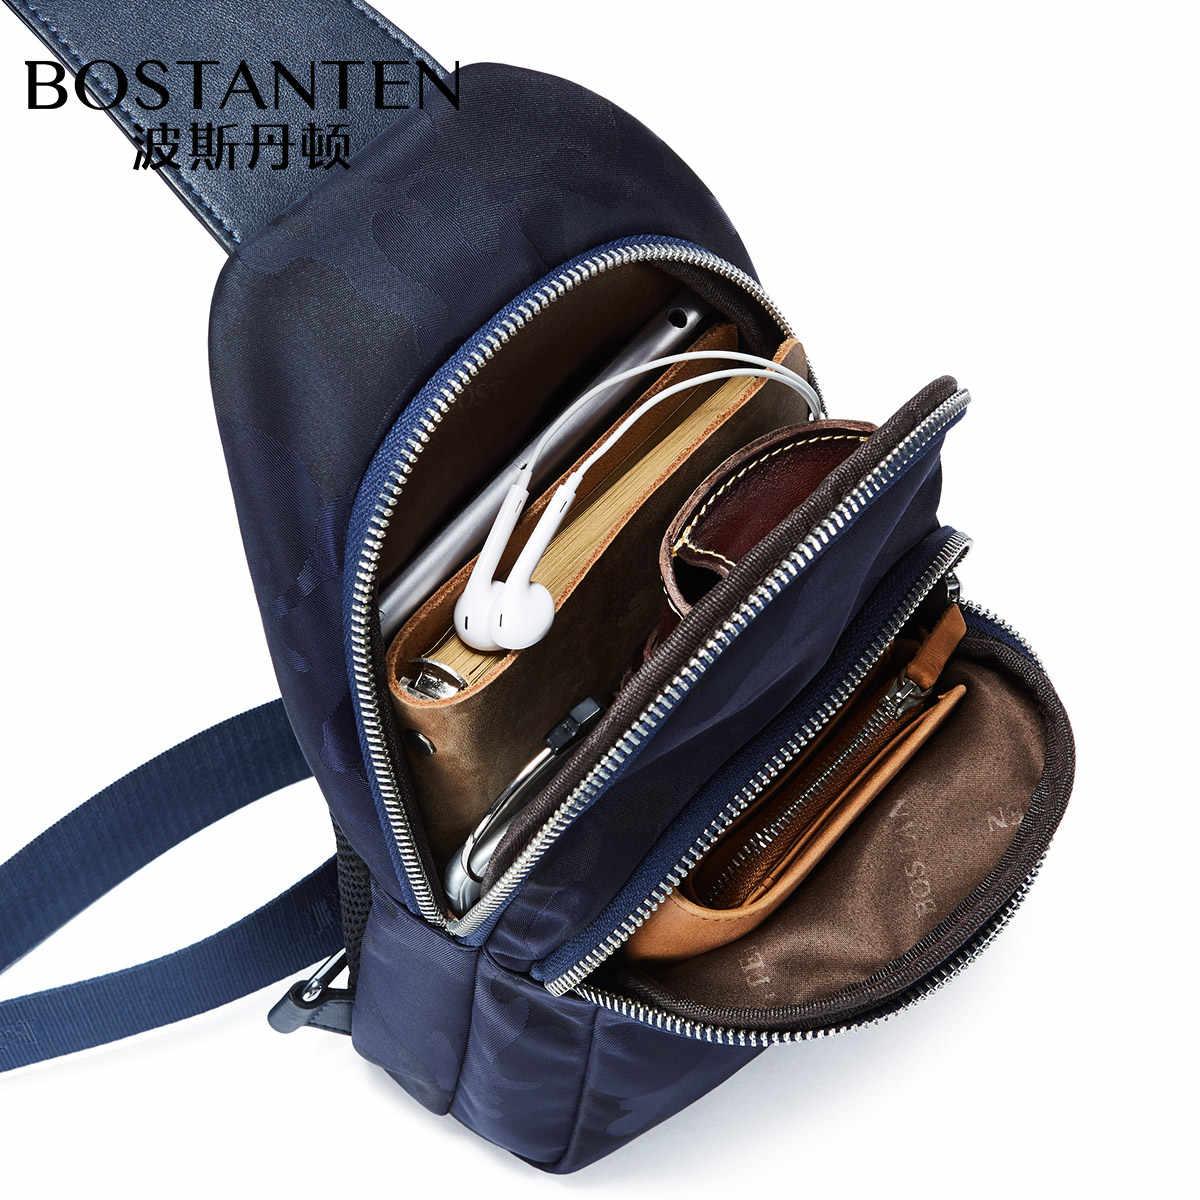 Bostanten saco Crossbody sacos de Peito Lona Ocasional dos homens Novos da Marca À Prova D' Água Novo Estilo Pequenos Sacos de Moda Alça de Ombro Único